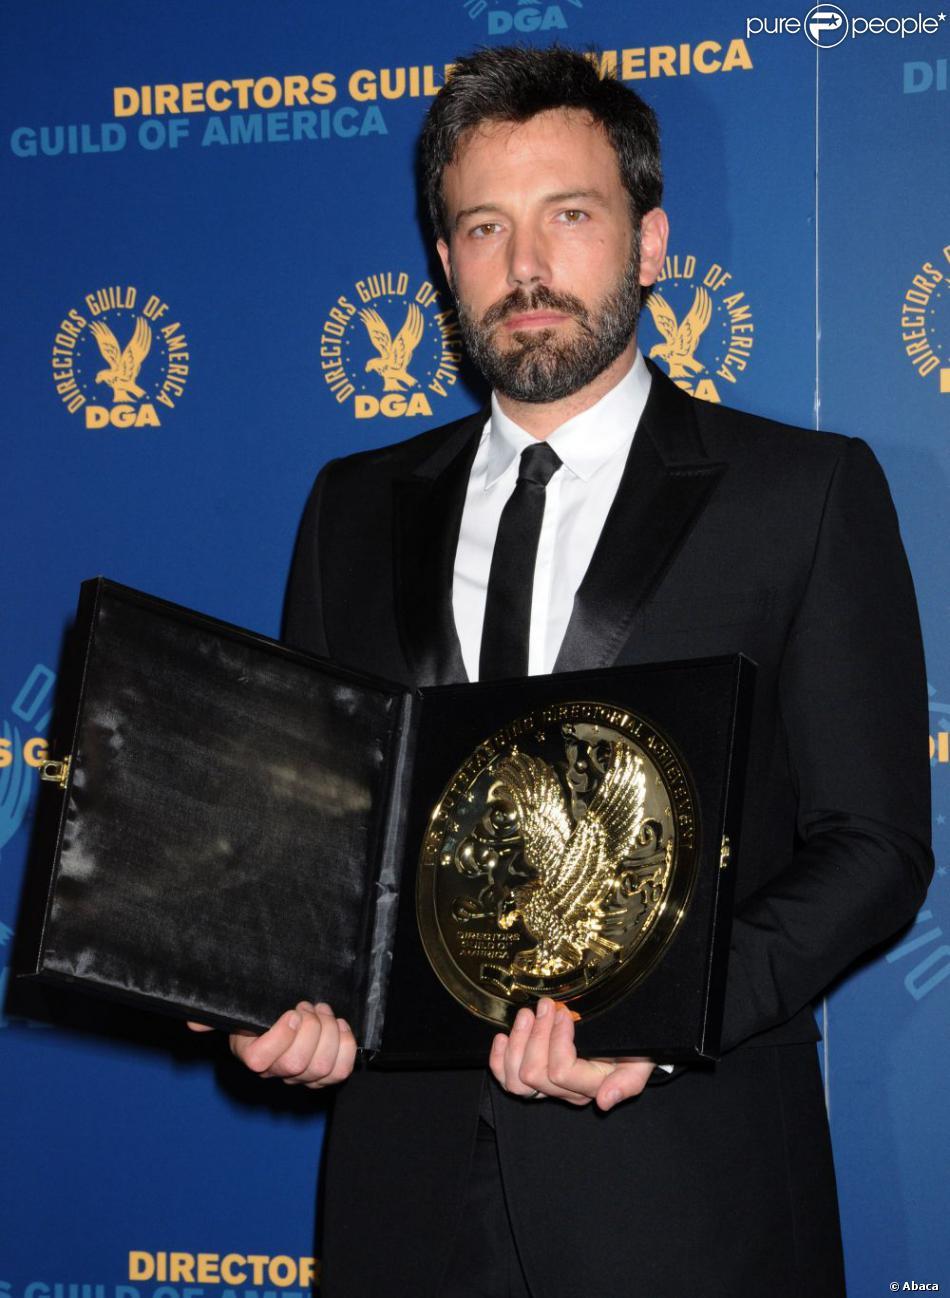 Ben Affleck lors de la remise des Directors Guild of America Awards à Los Angeles le 2 février 2013